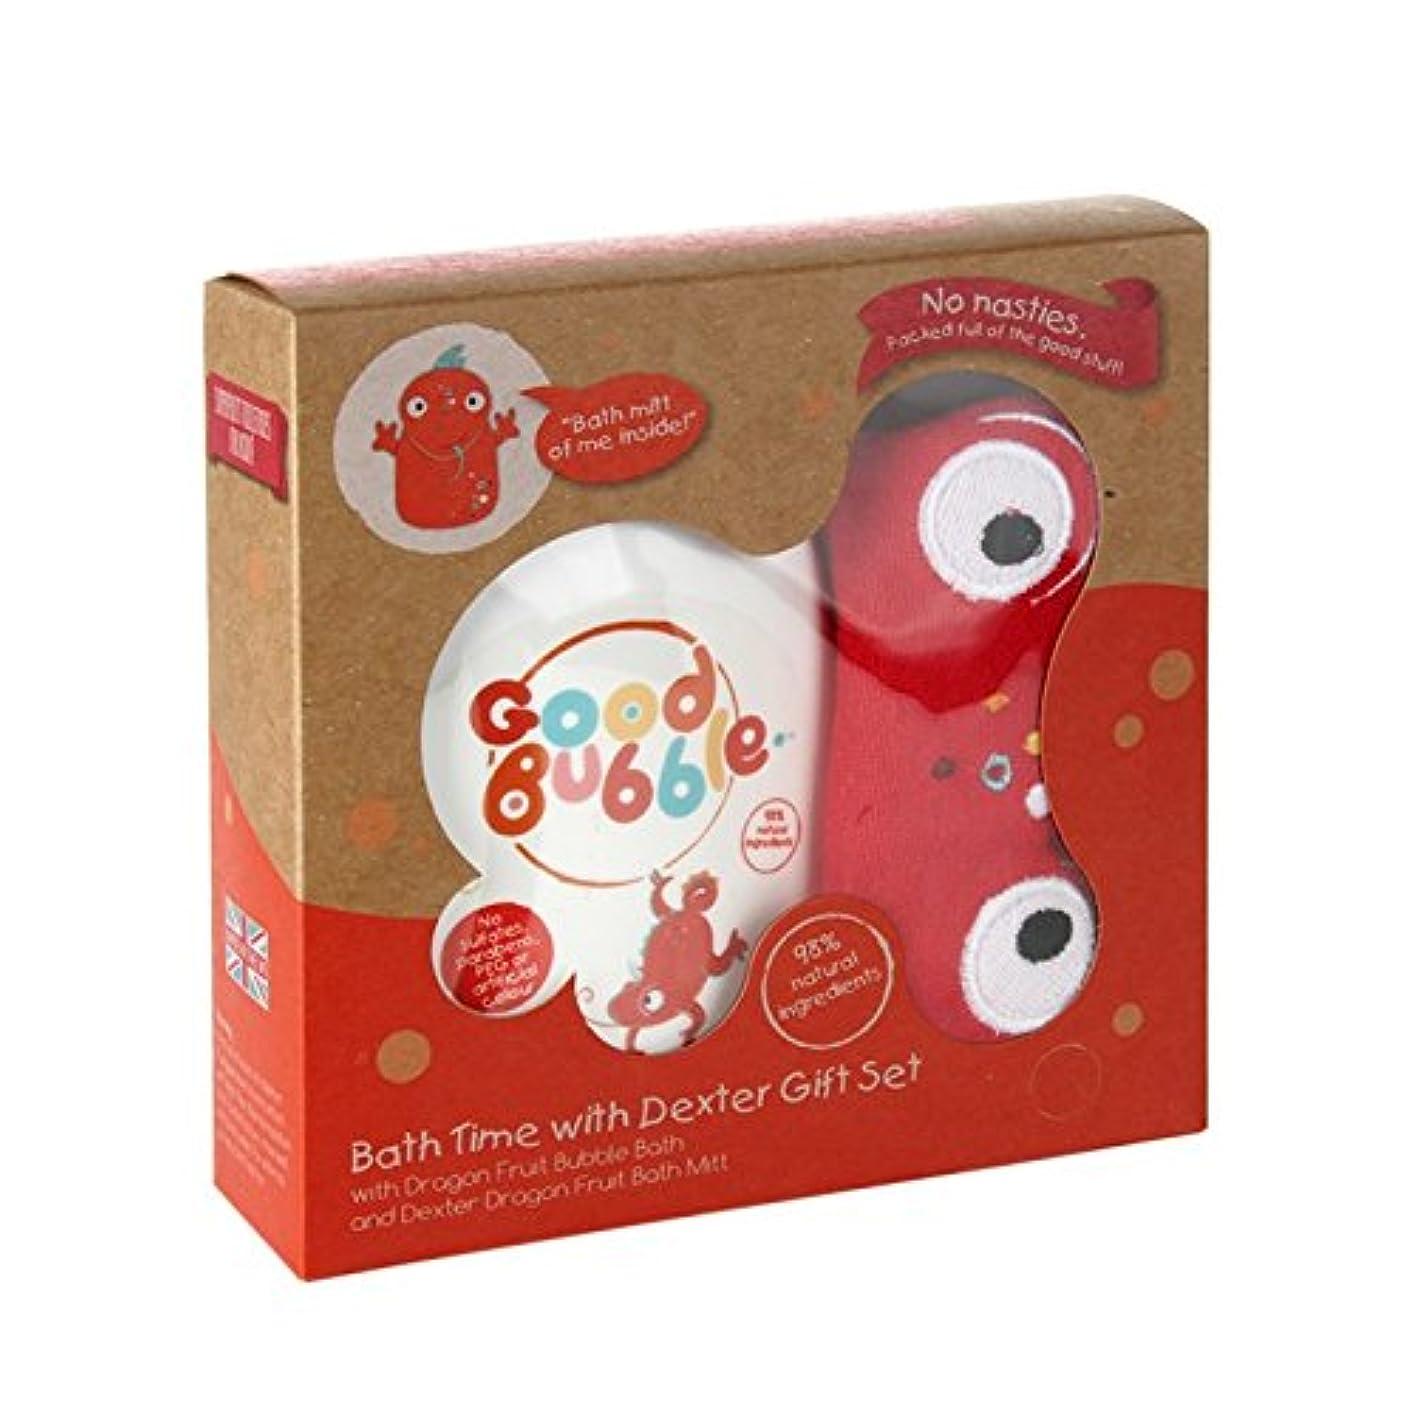 ケーブルカー彼らは解明するGood Bubble Dexter Dragonfruit Gift Set 550g (Pack of 2) - 良いバブルデクスターDragonfruitギフトセット550グラム (x2) [並行輸入品]